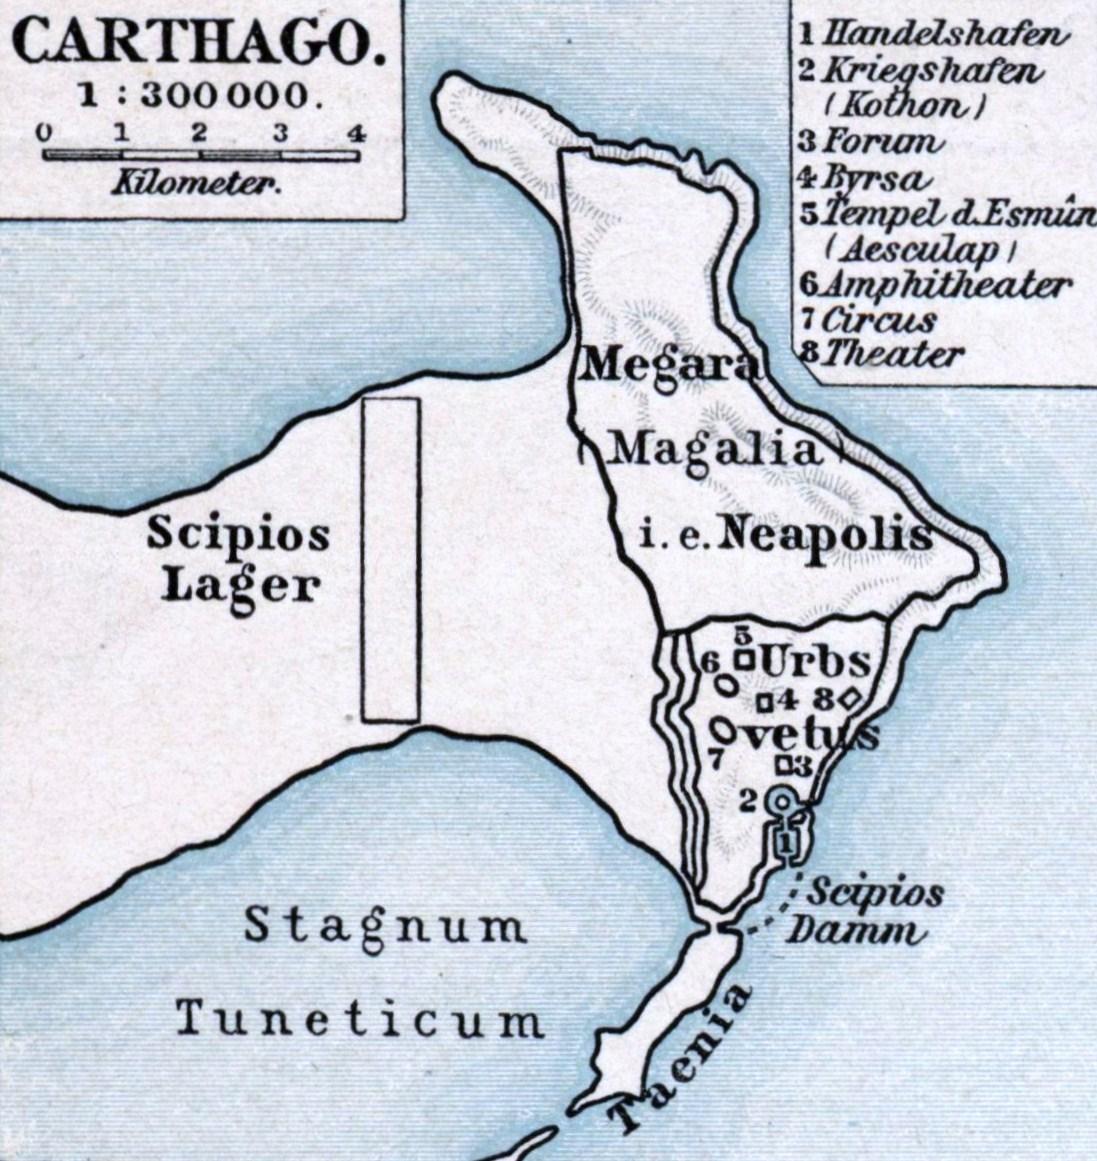 Belagerung Karthagos durch Publius Cornelius Scipio Aemilianus Africanus. F. W. Putzgers Historischer Schul-Atlas, 1901